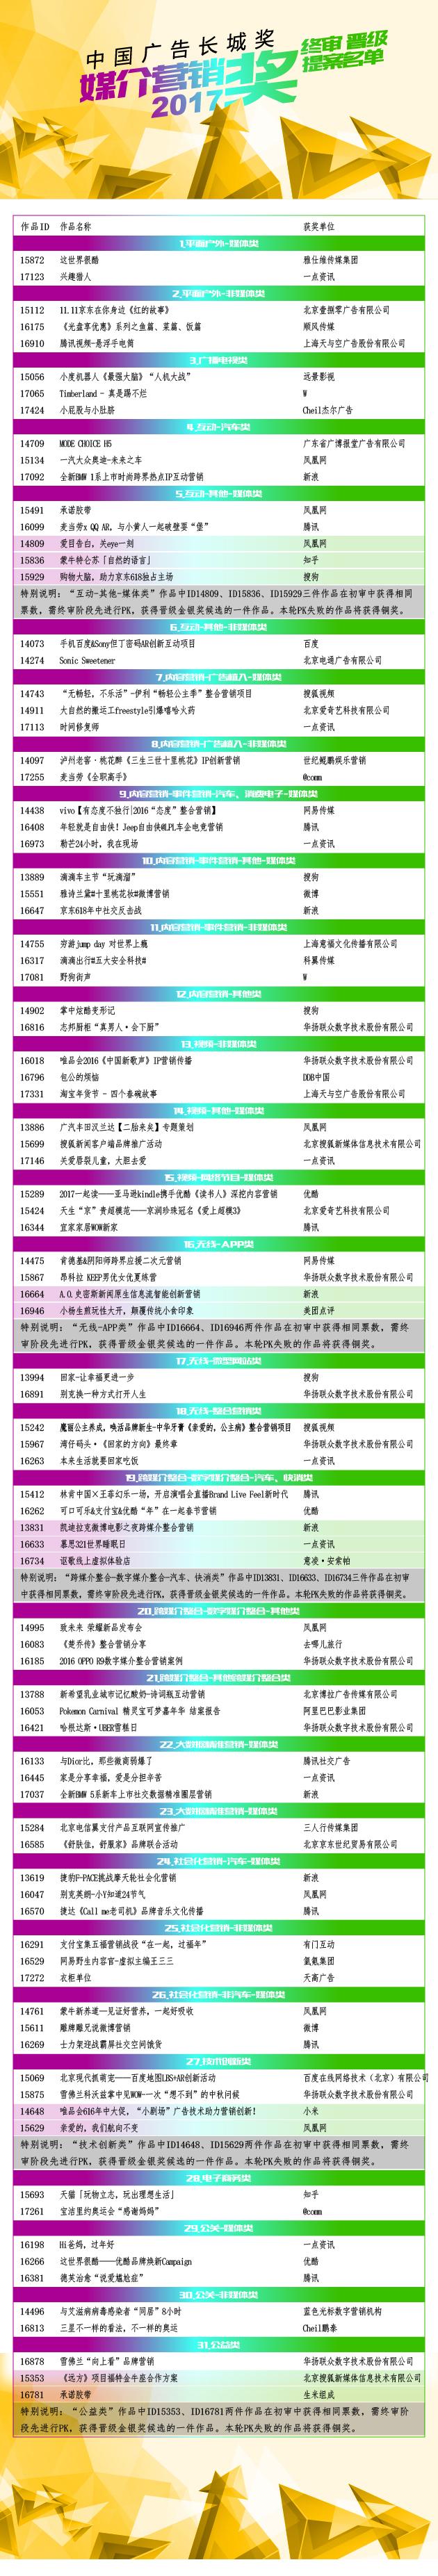 【更新】媒介营销奖获奖名单-晋级72-03.jpg